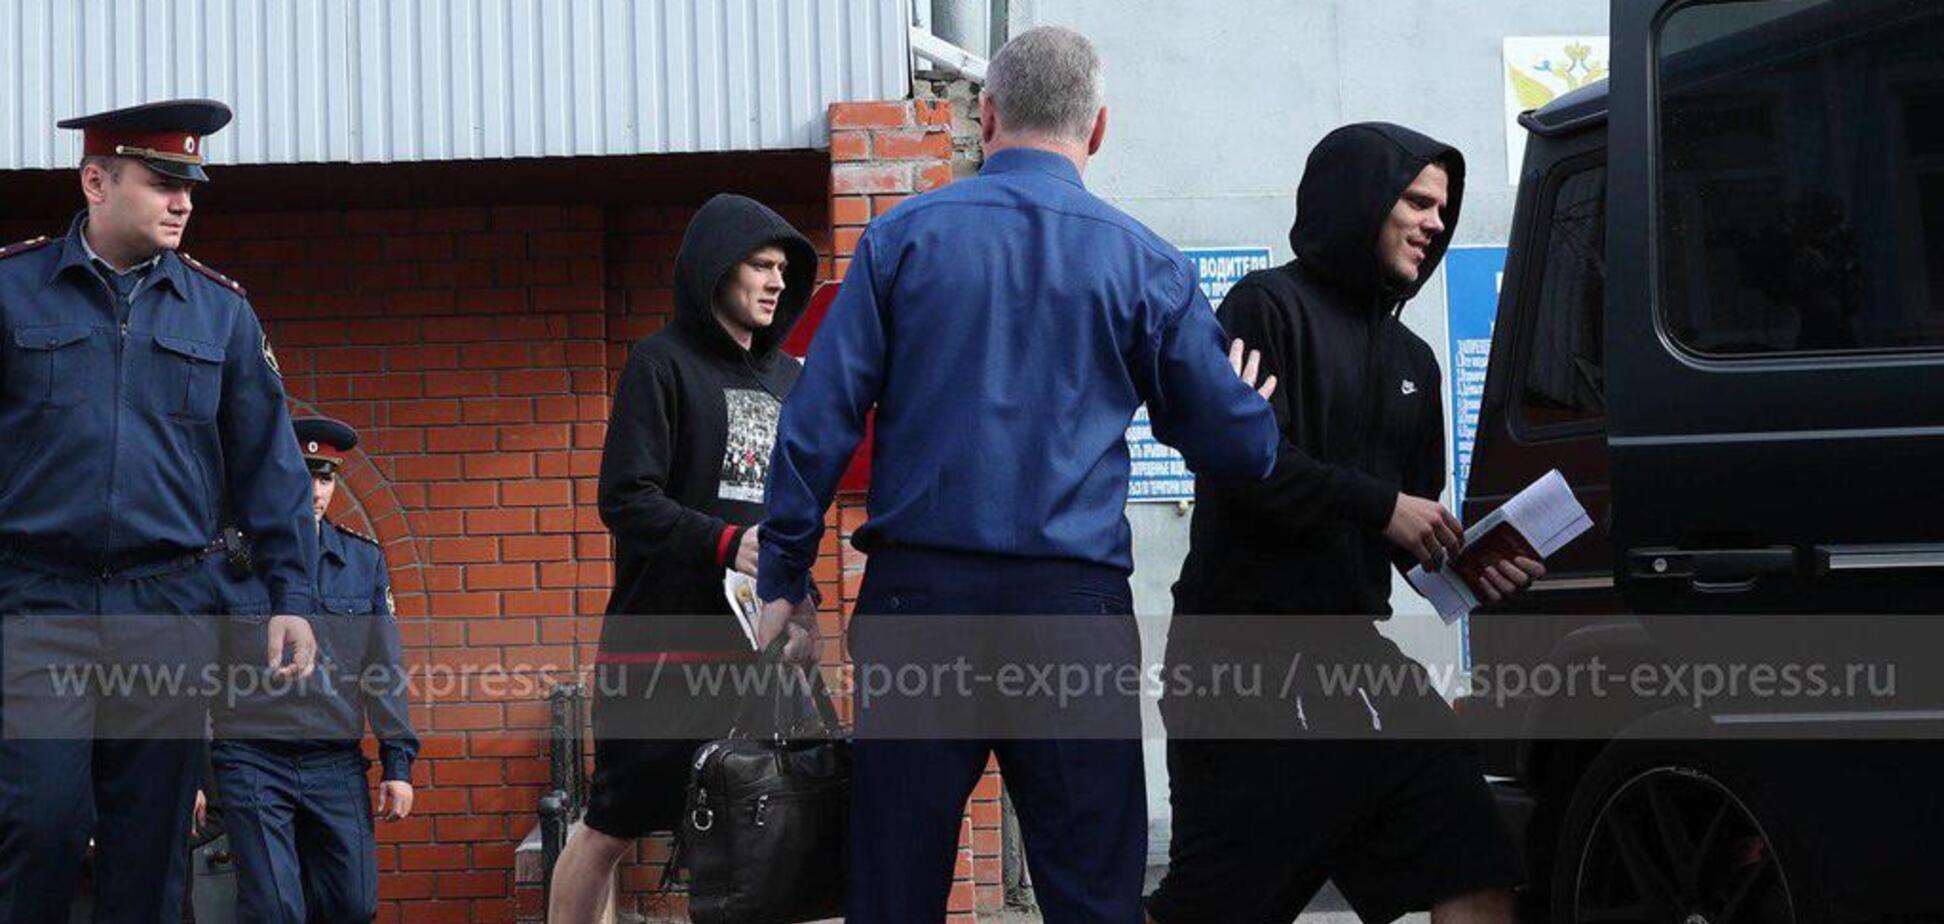 'Б***ь! С**а!' Під час звільнення Кокоріна та Мамаєва трапився страшний інцидент: відеофакт